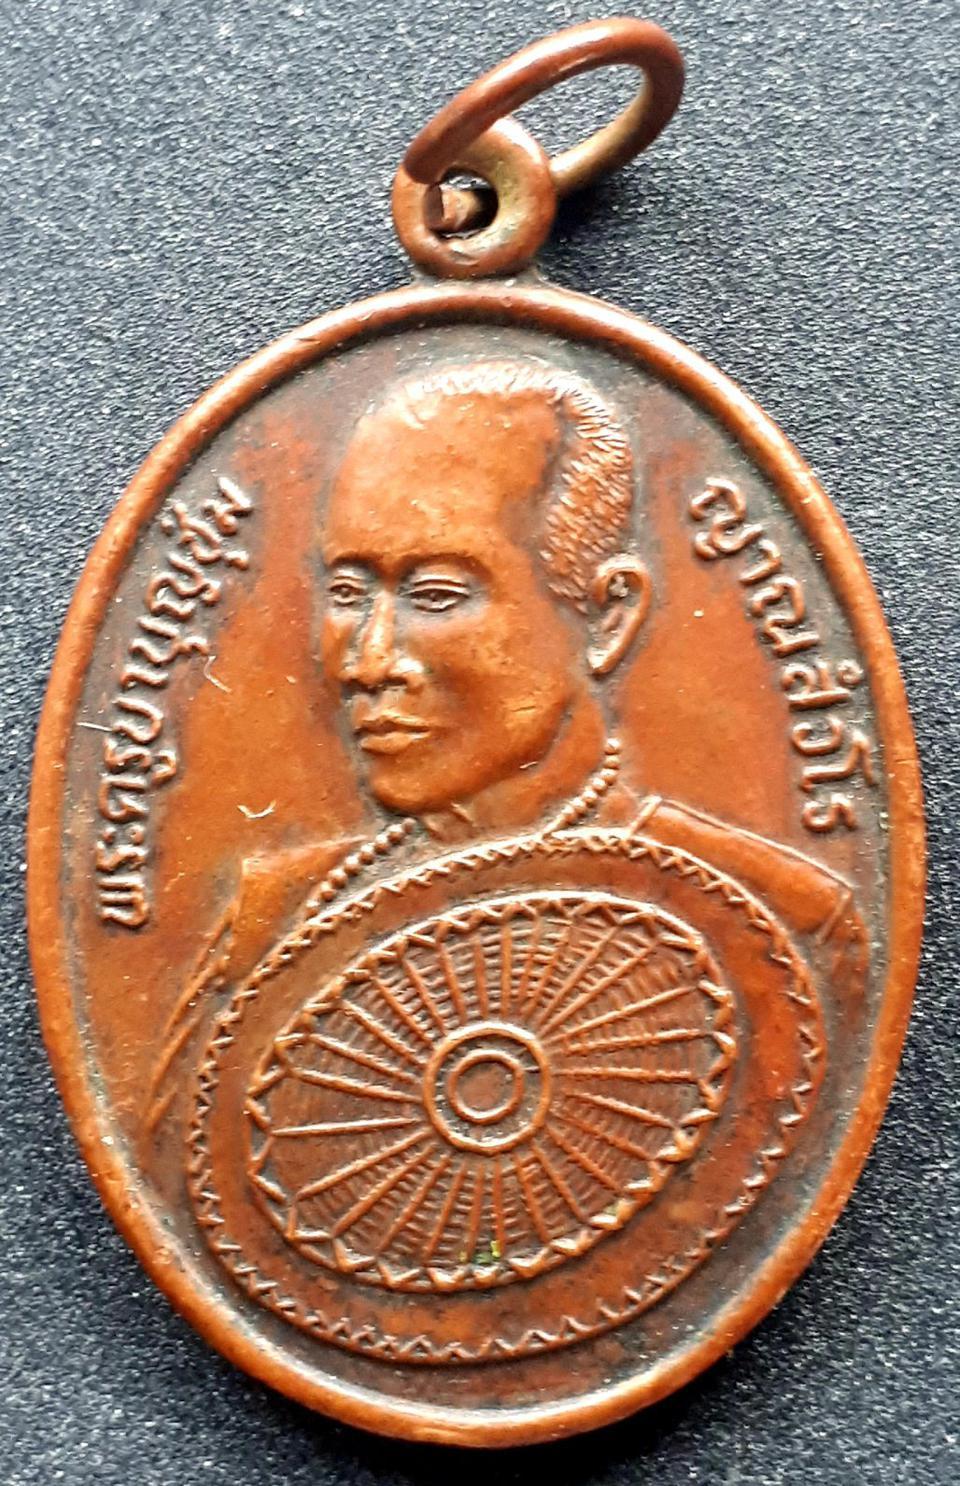 เหรียญพระครูบาบุญชุ่ม  ญาณสํวโร  วัดพระธาตุดอนเรือง  พม่า รูปที่ 2